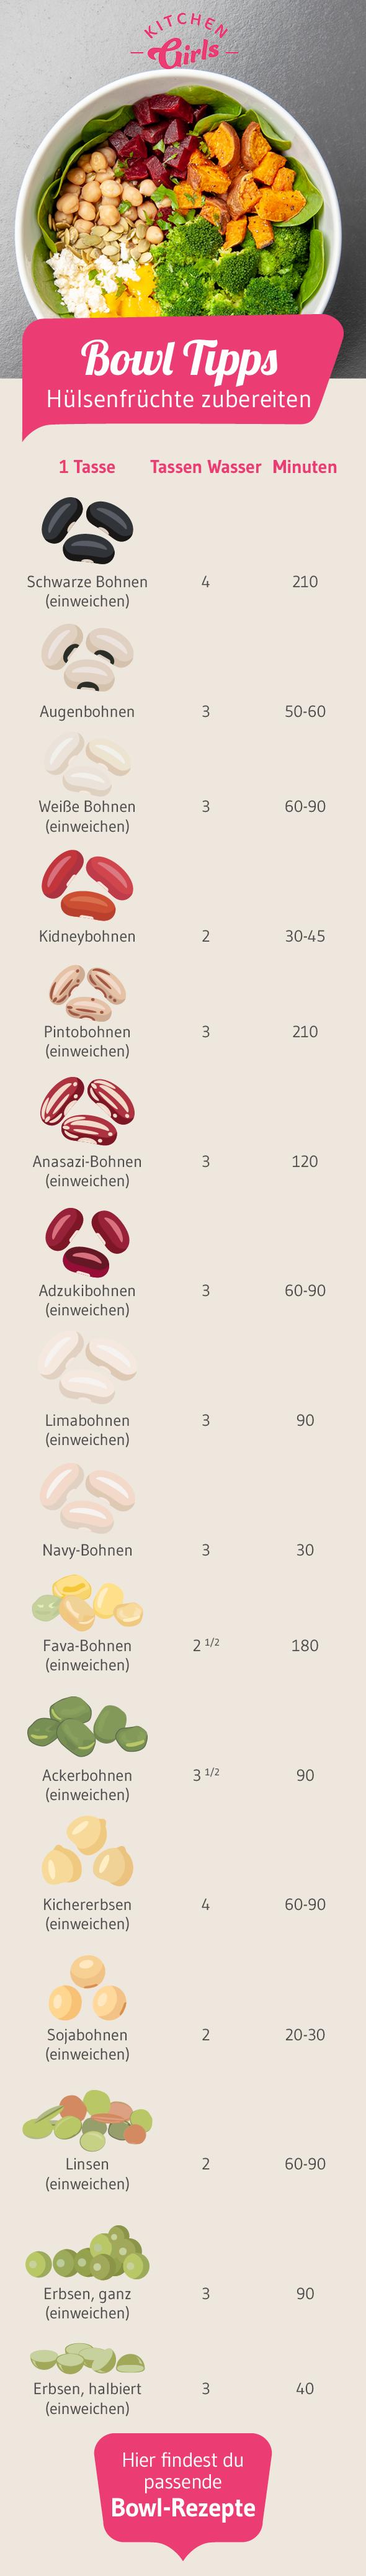 Kochzeiten Für Kichererbsen Linsen Bohnen Und Co Wir Beantworten